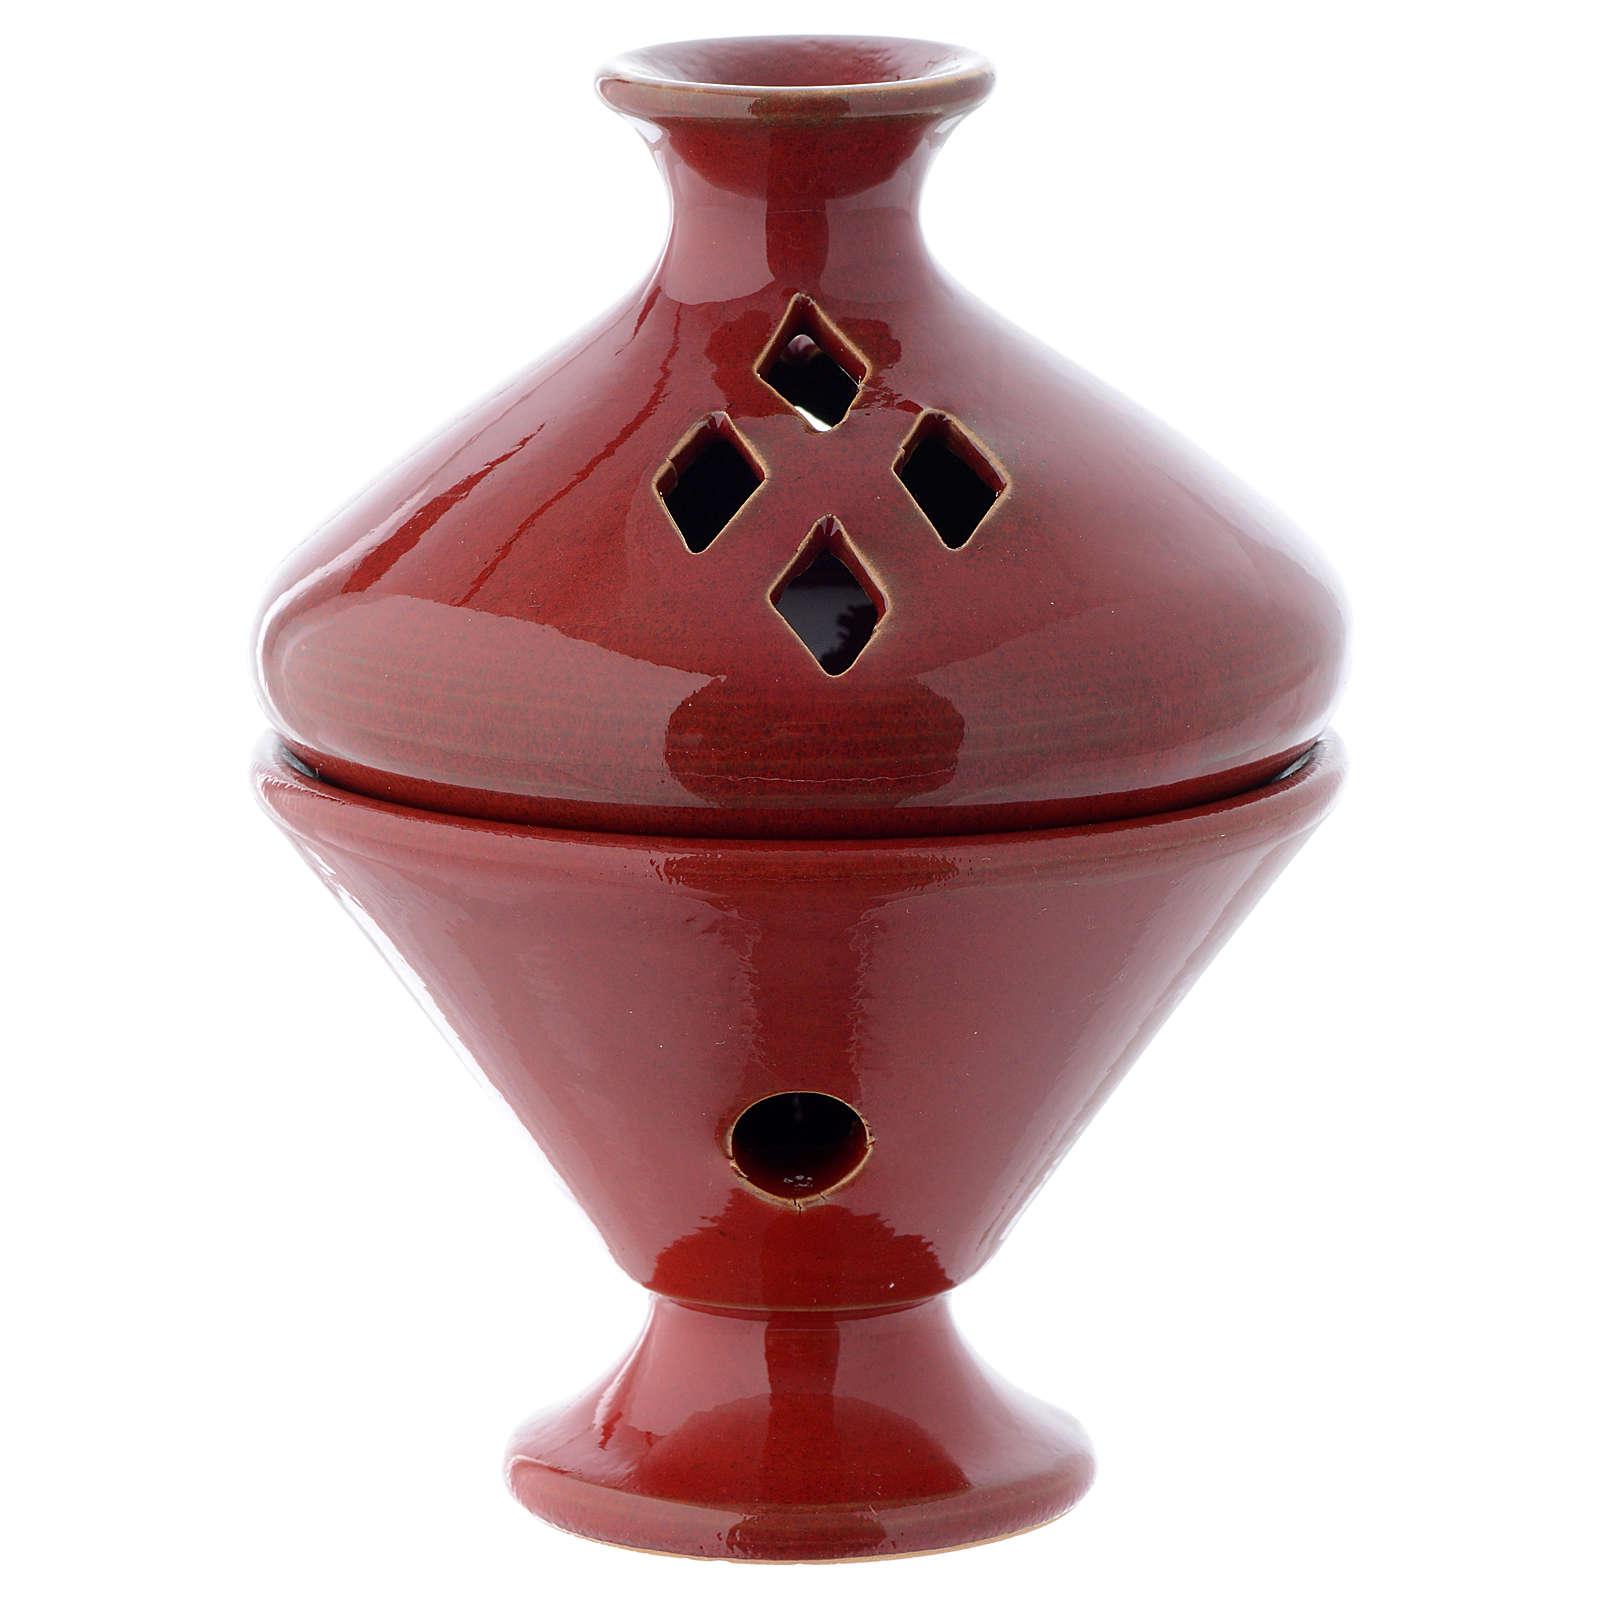 Incense burner in red ceramic 13 cm 3